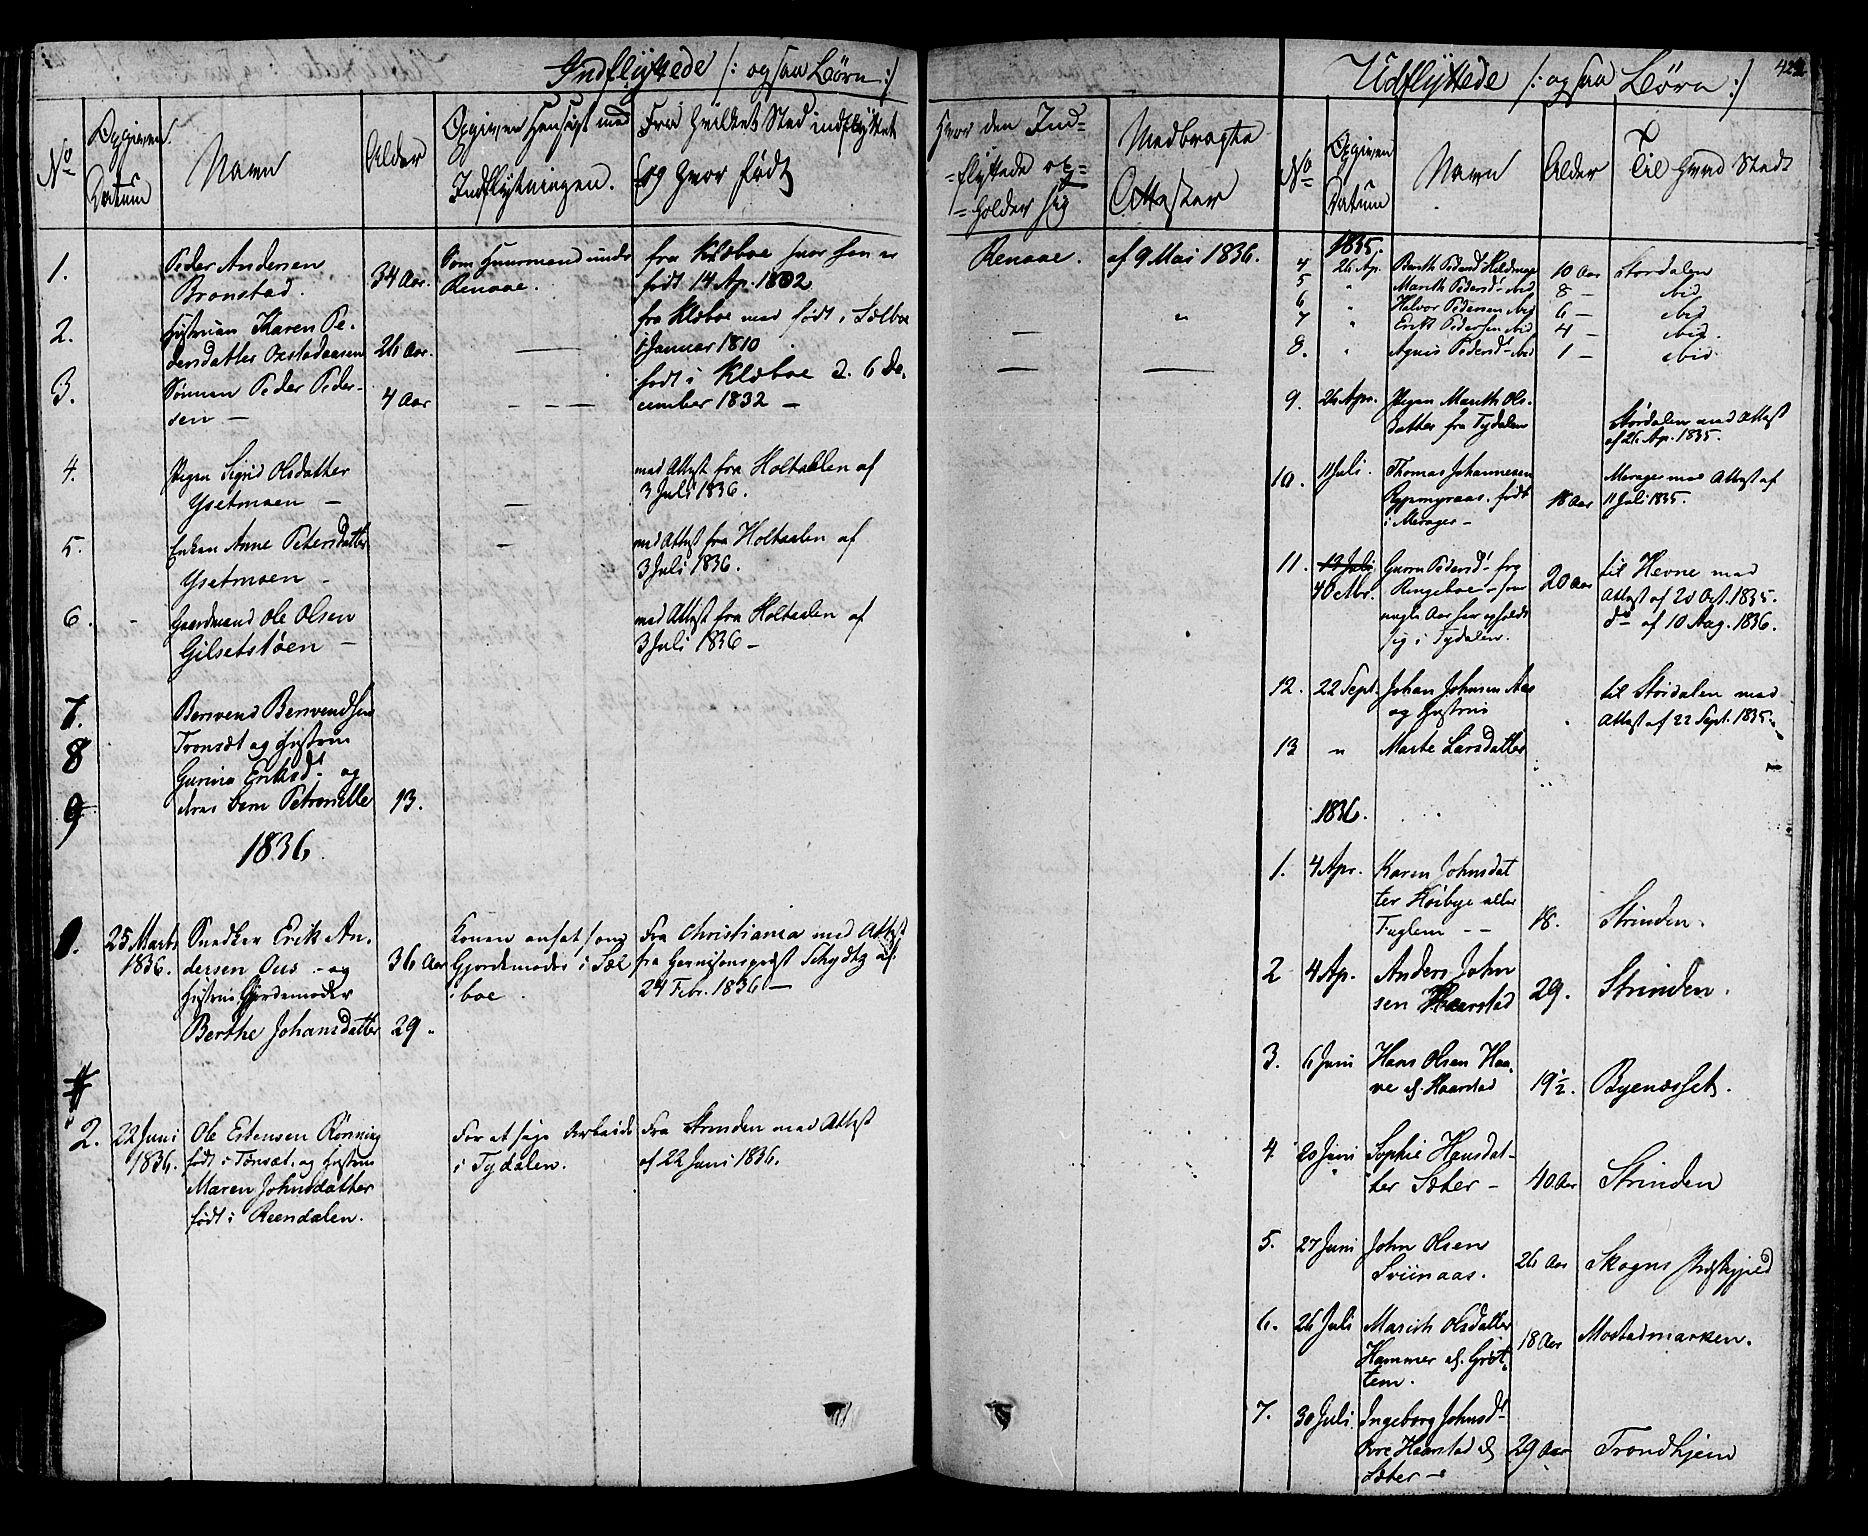 SAT, Ministerialprotokoller, klokkerbøker og fødselsregistre - Sør-Trøndelag, 695/L1143: Ministerialbok nr. 695A05 /1, 1824-1842, s. 422